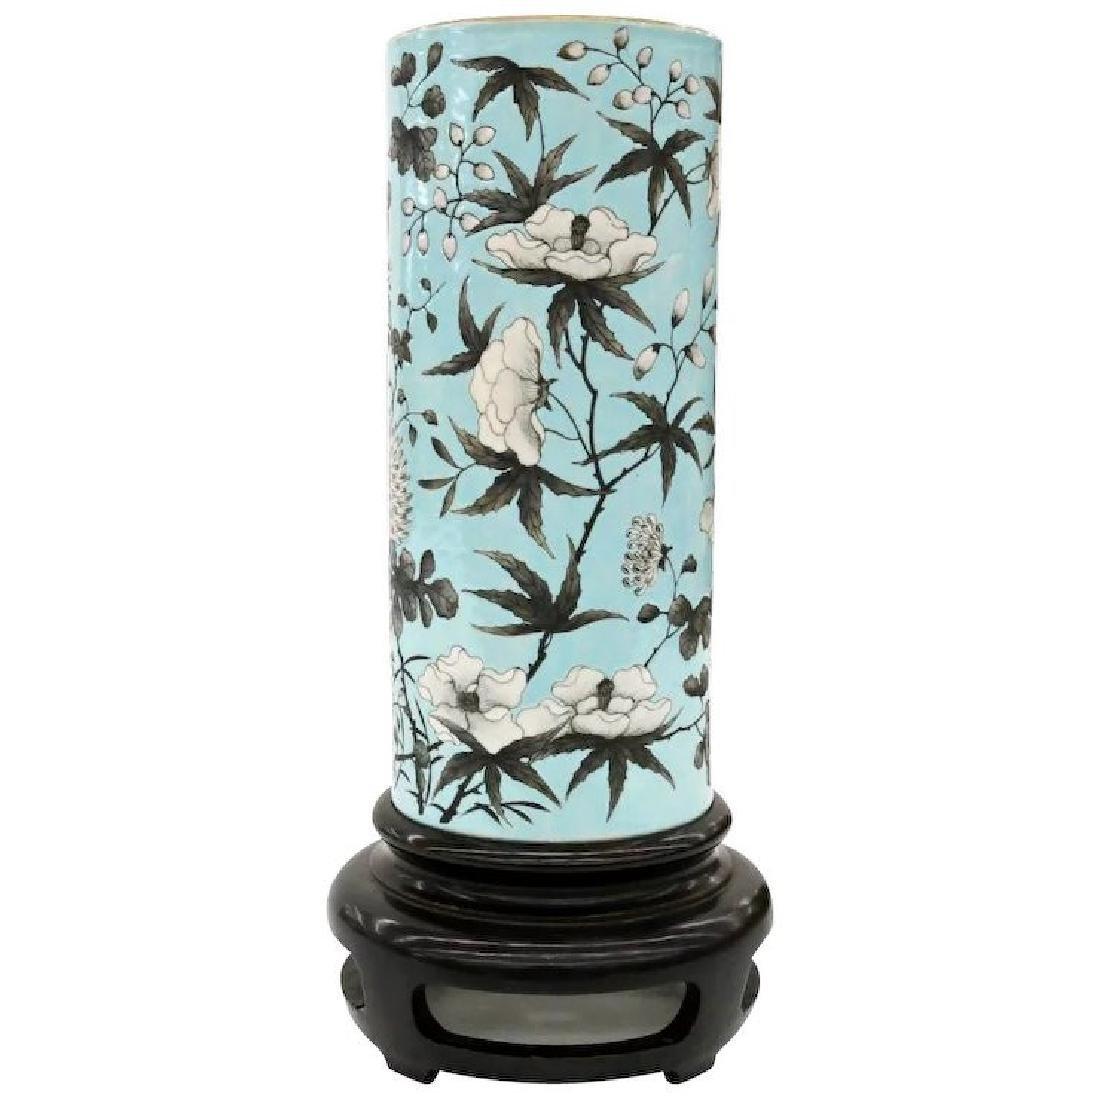 Chinese porcelain pale turquoise Dayazhai sleeve vase